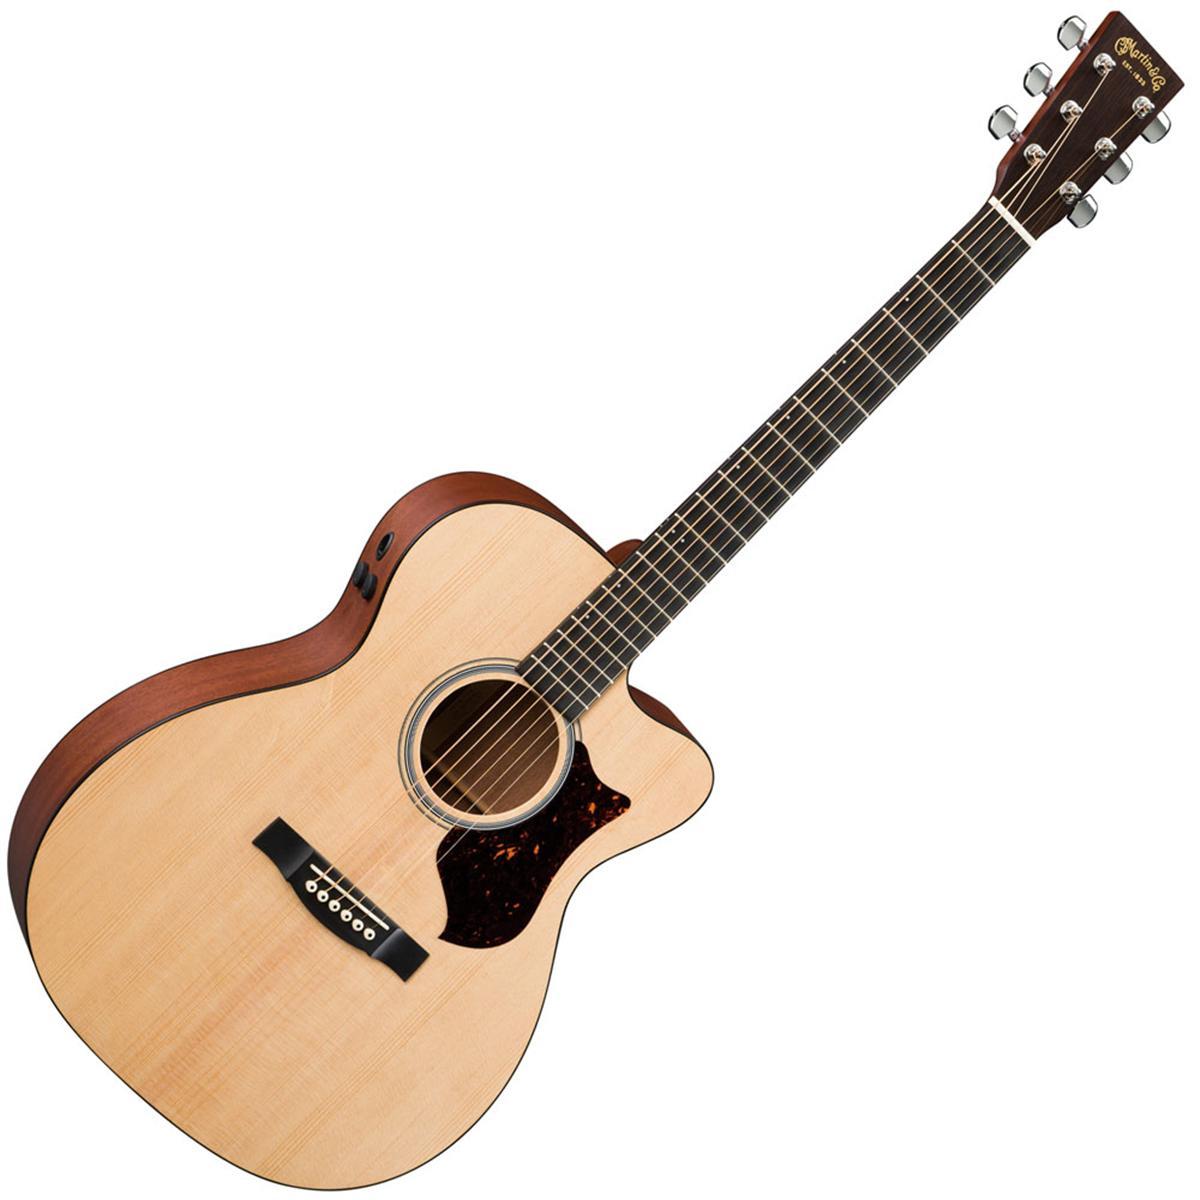 Guitar Line Art Acoustic guitar line art - clipart best